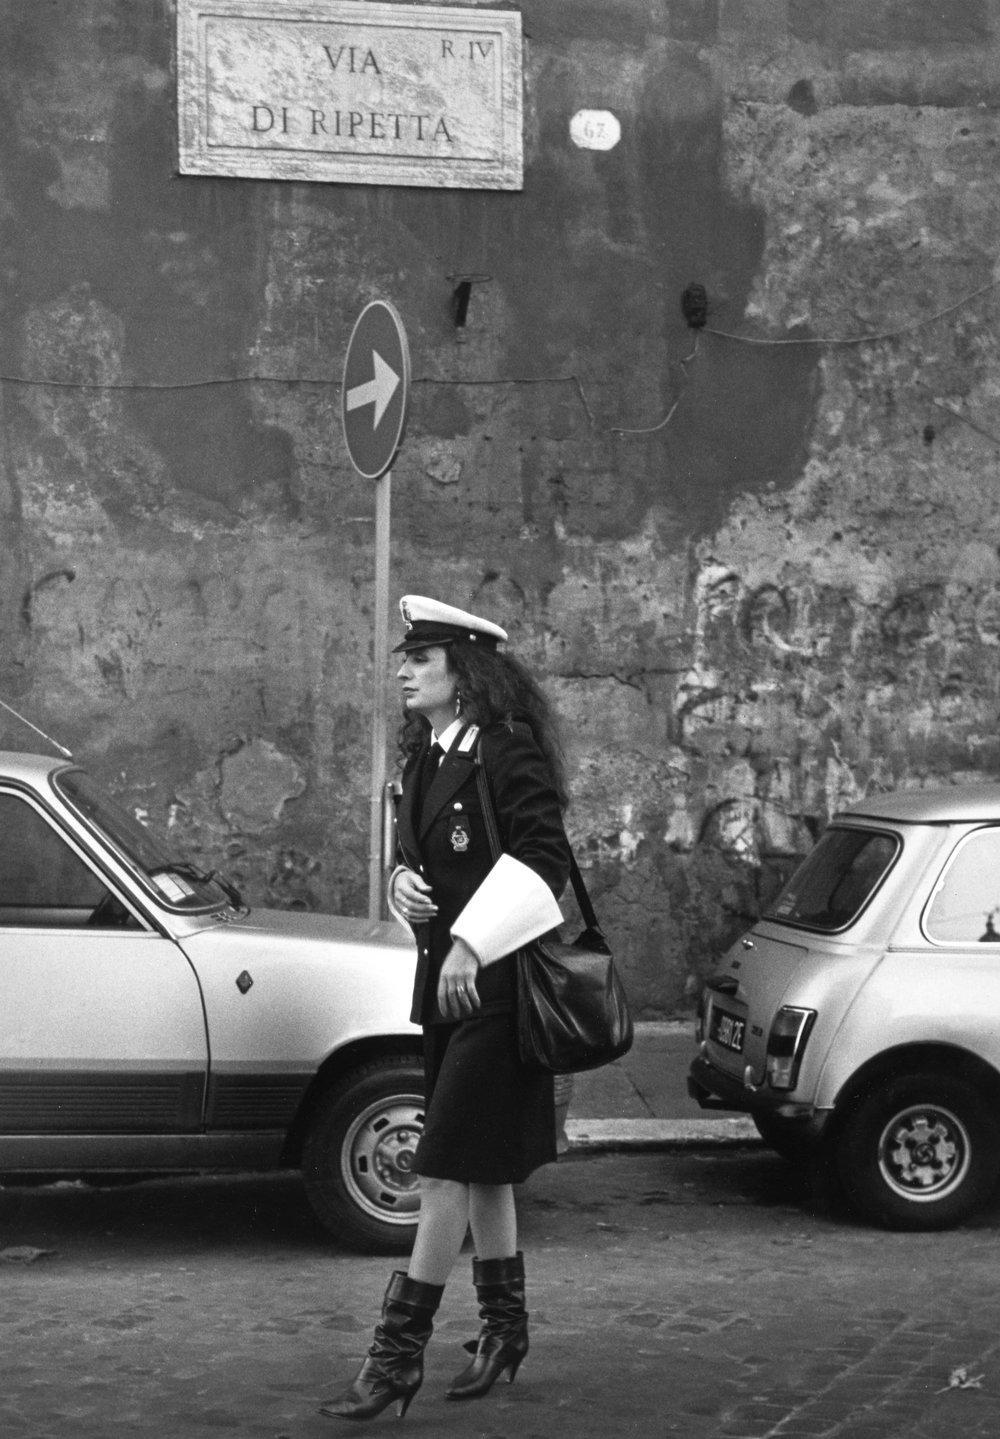 Via Di Ripetta, Rome 1984